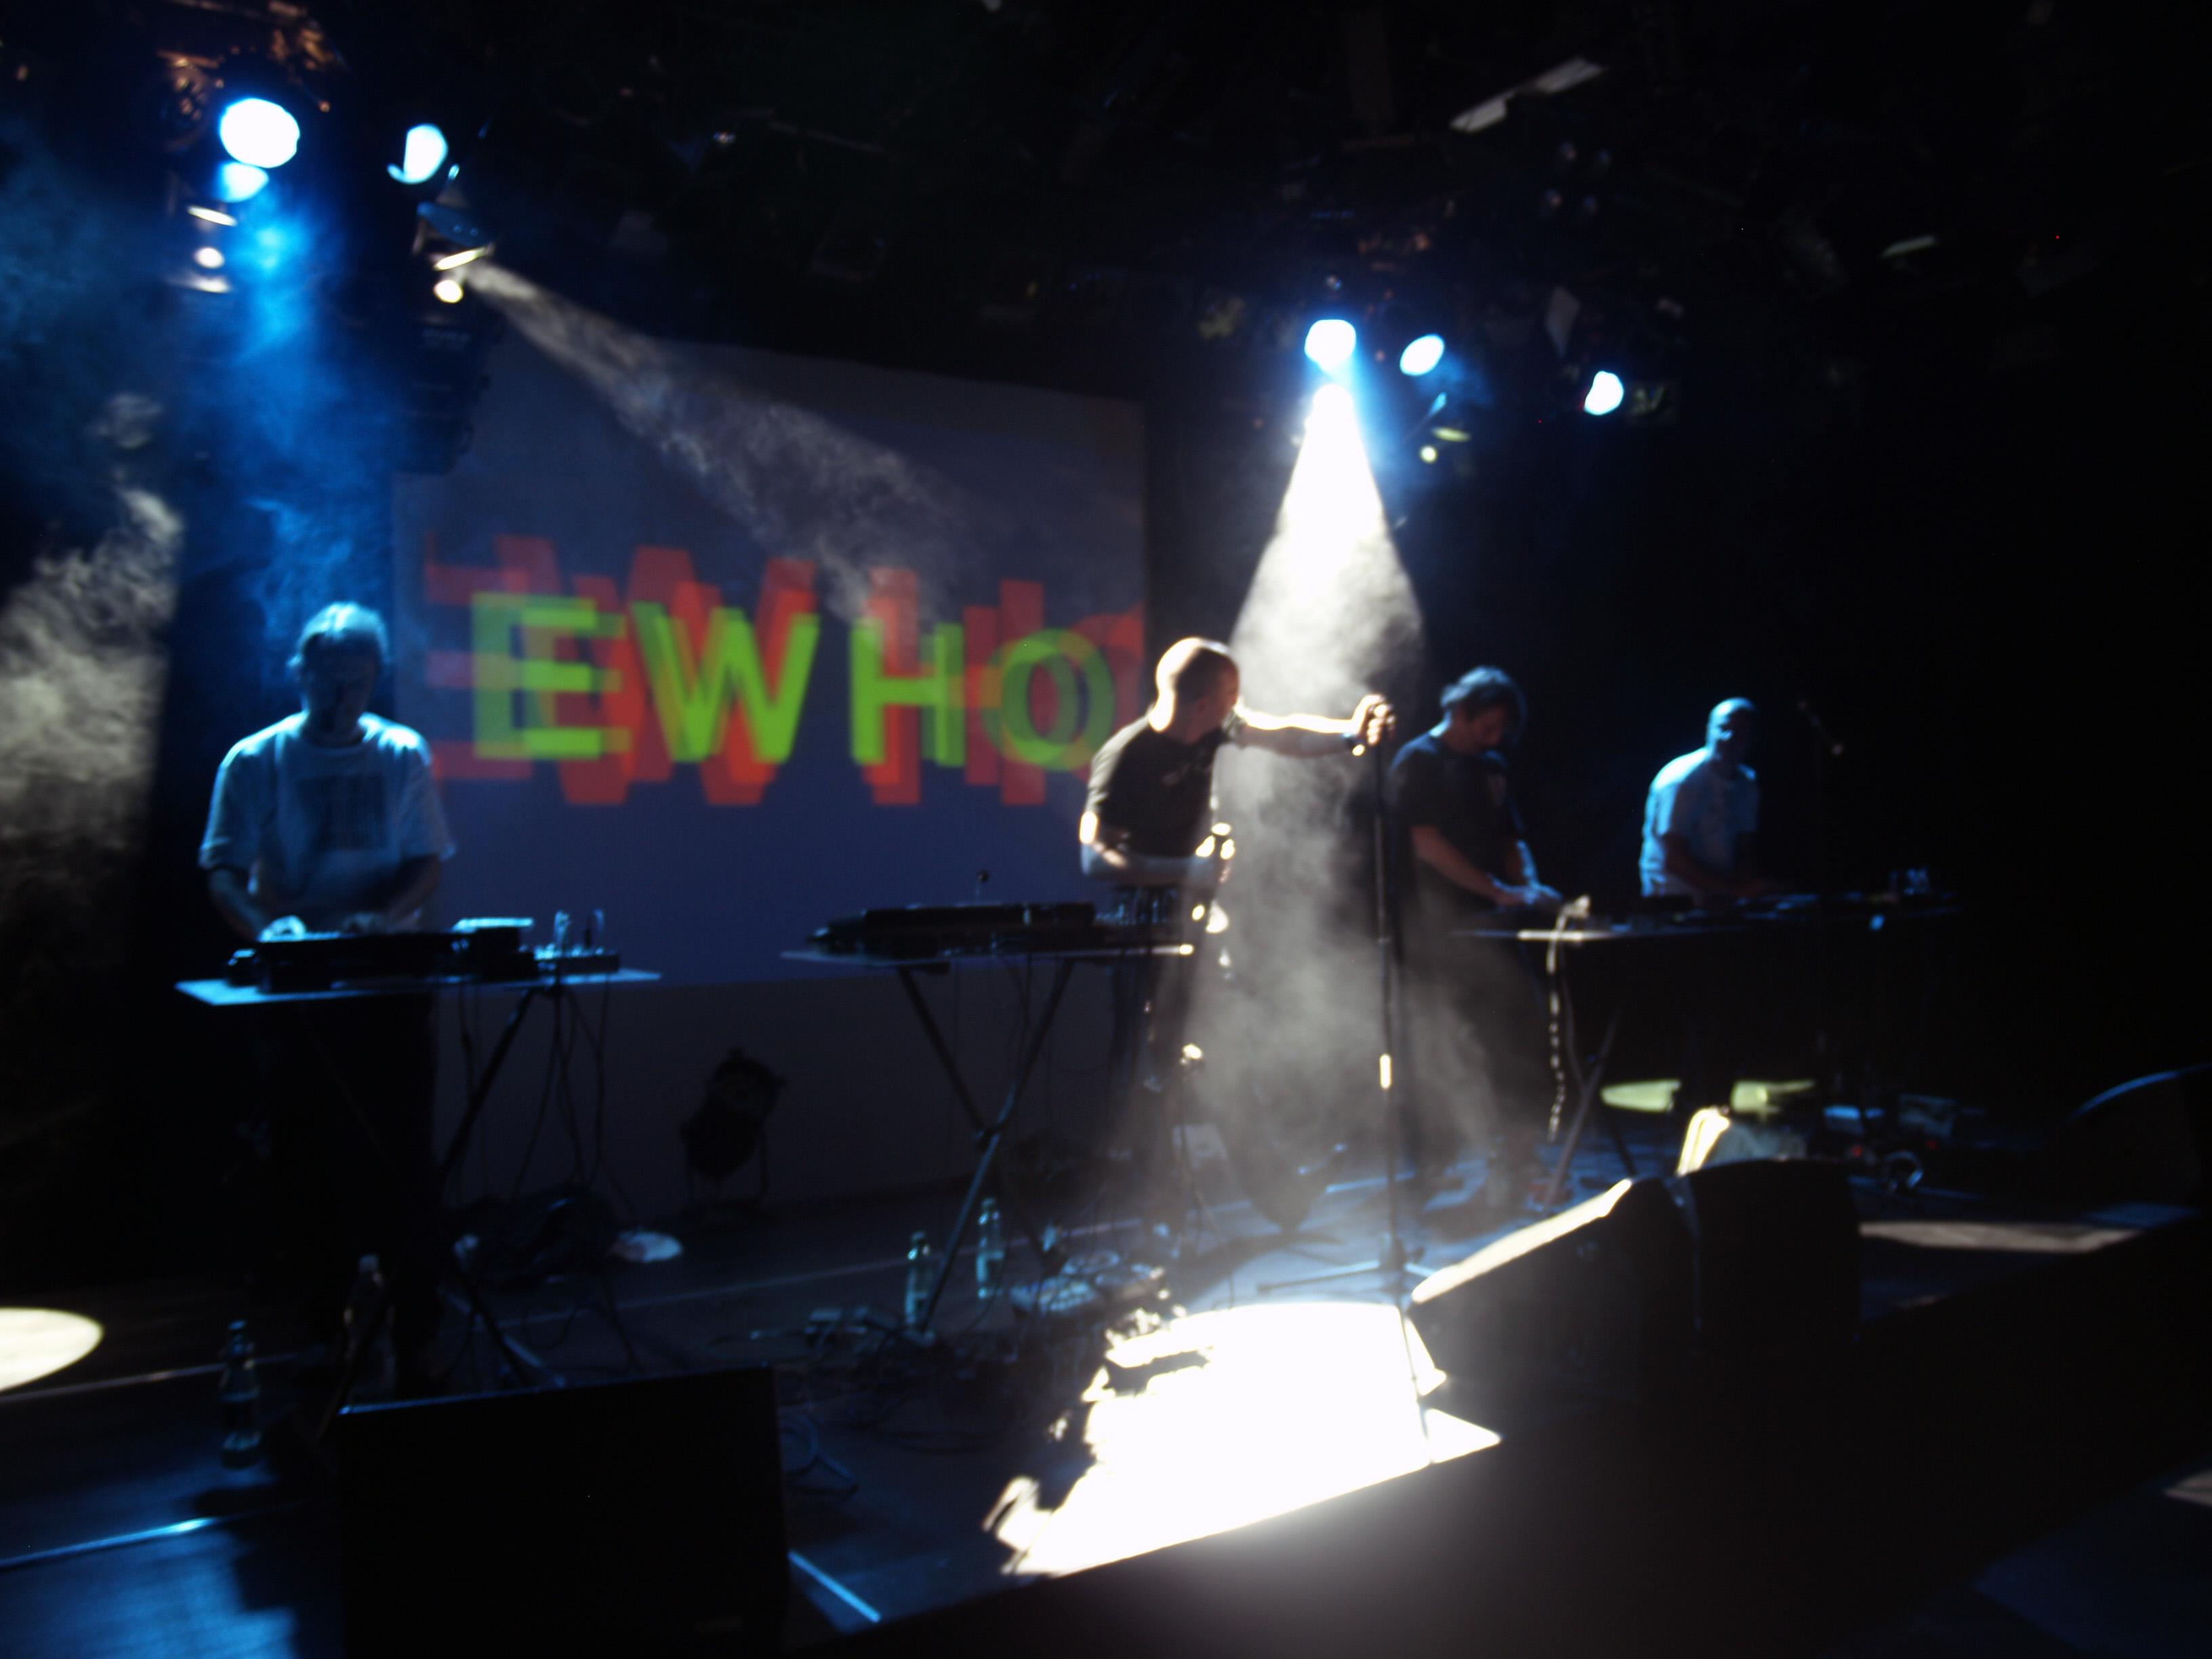 EWHO, Rabenhof 2009, CD-Präsentation